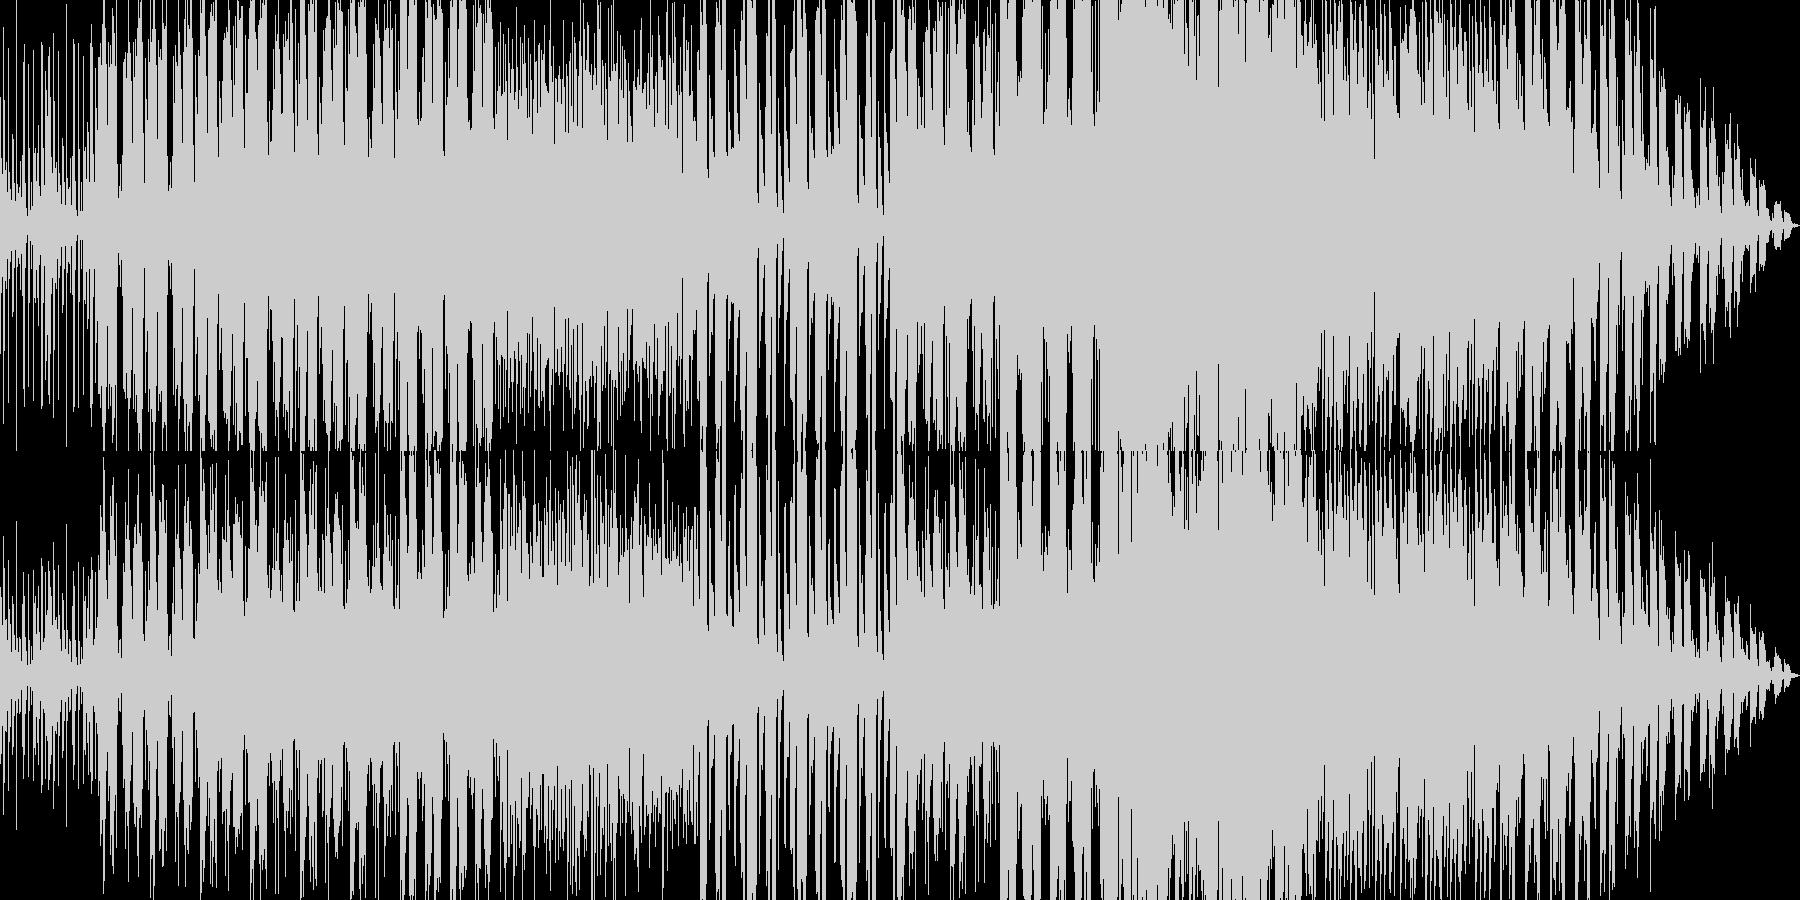 ダブを採り入れた存在感濃厚なポップの未再生の波形